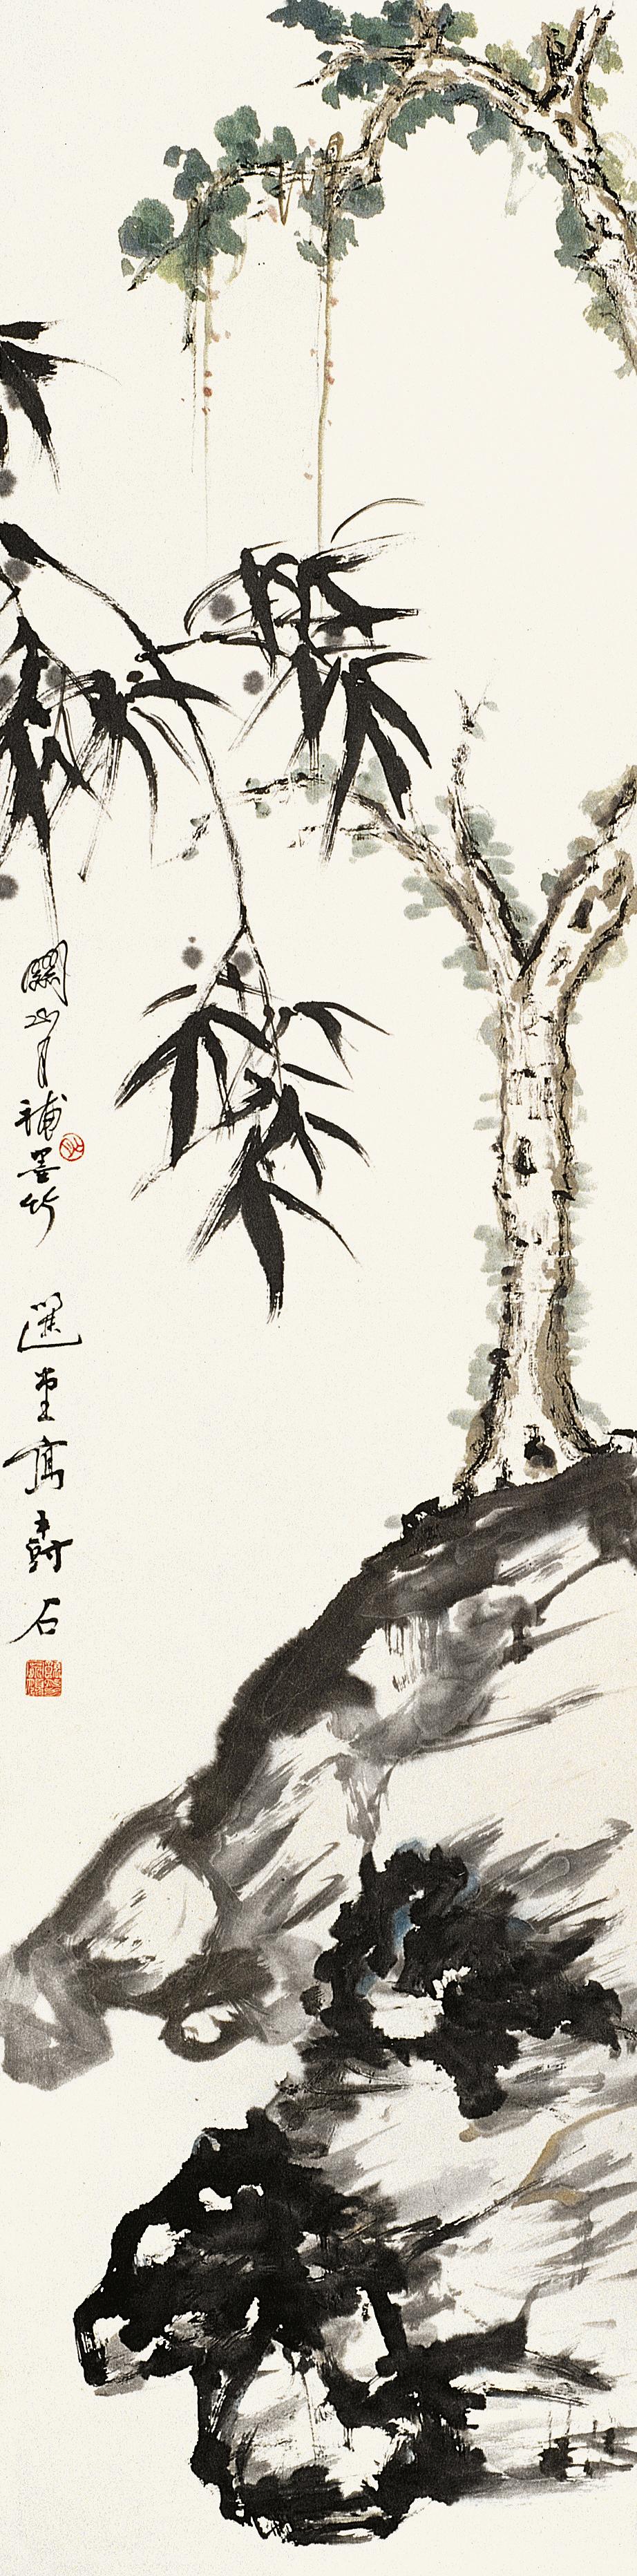 Jao Tsung-I   Guan Shan-yue